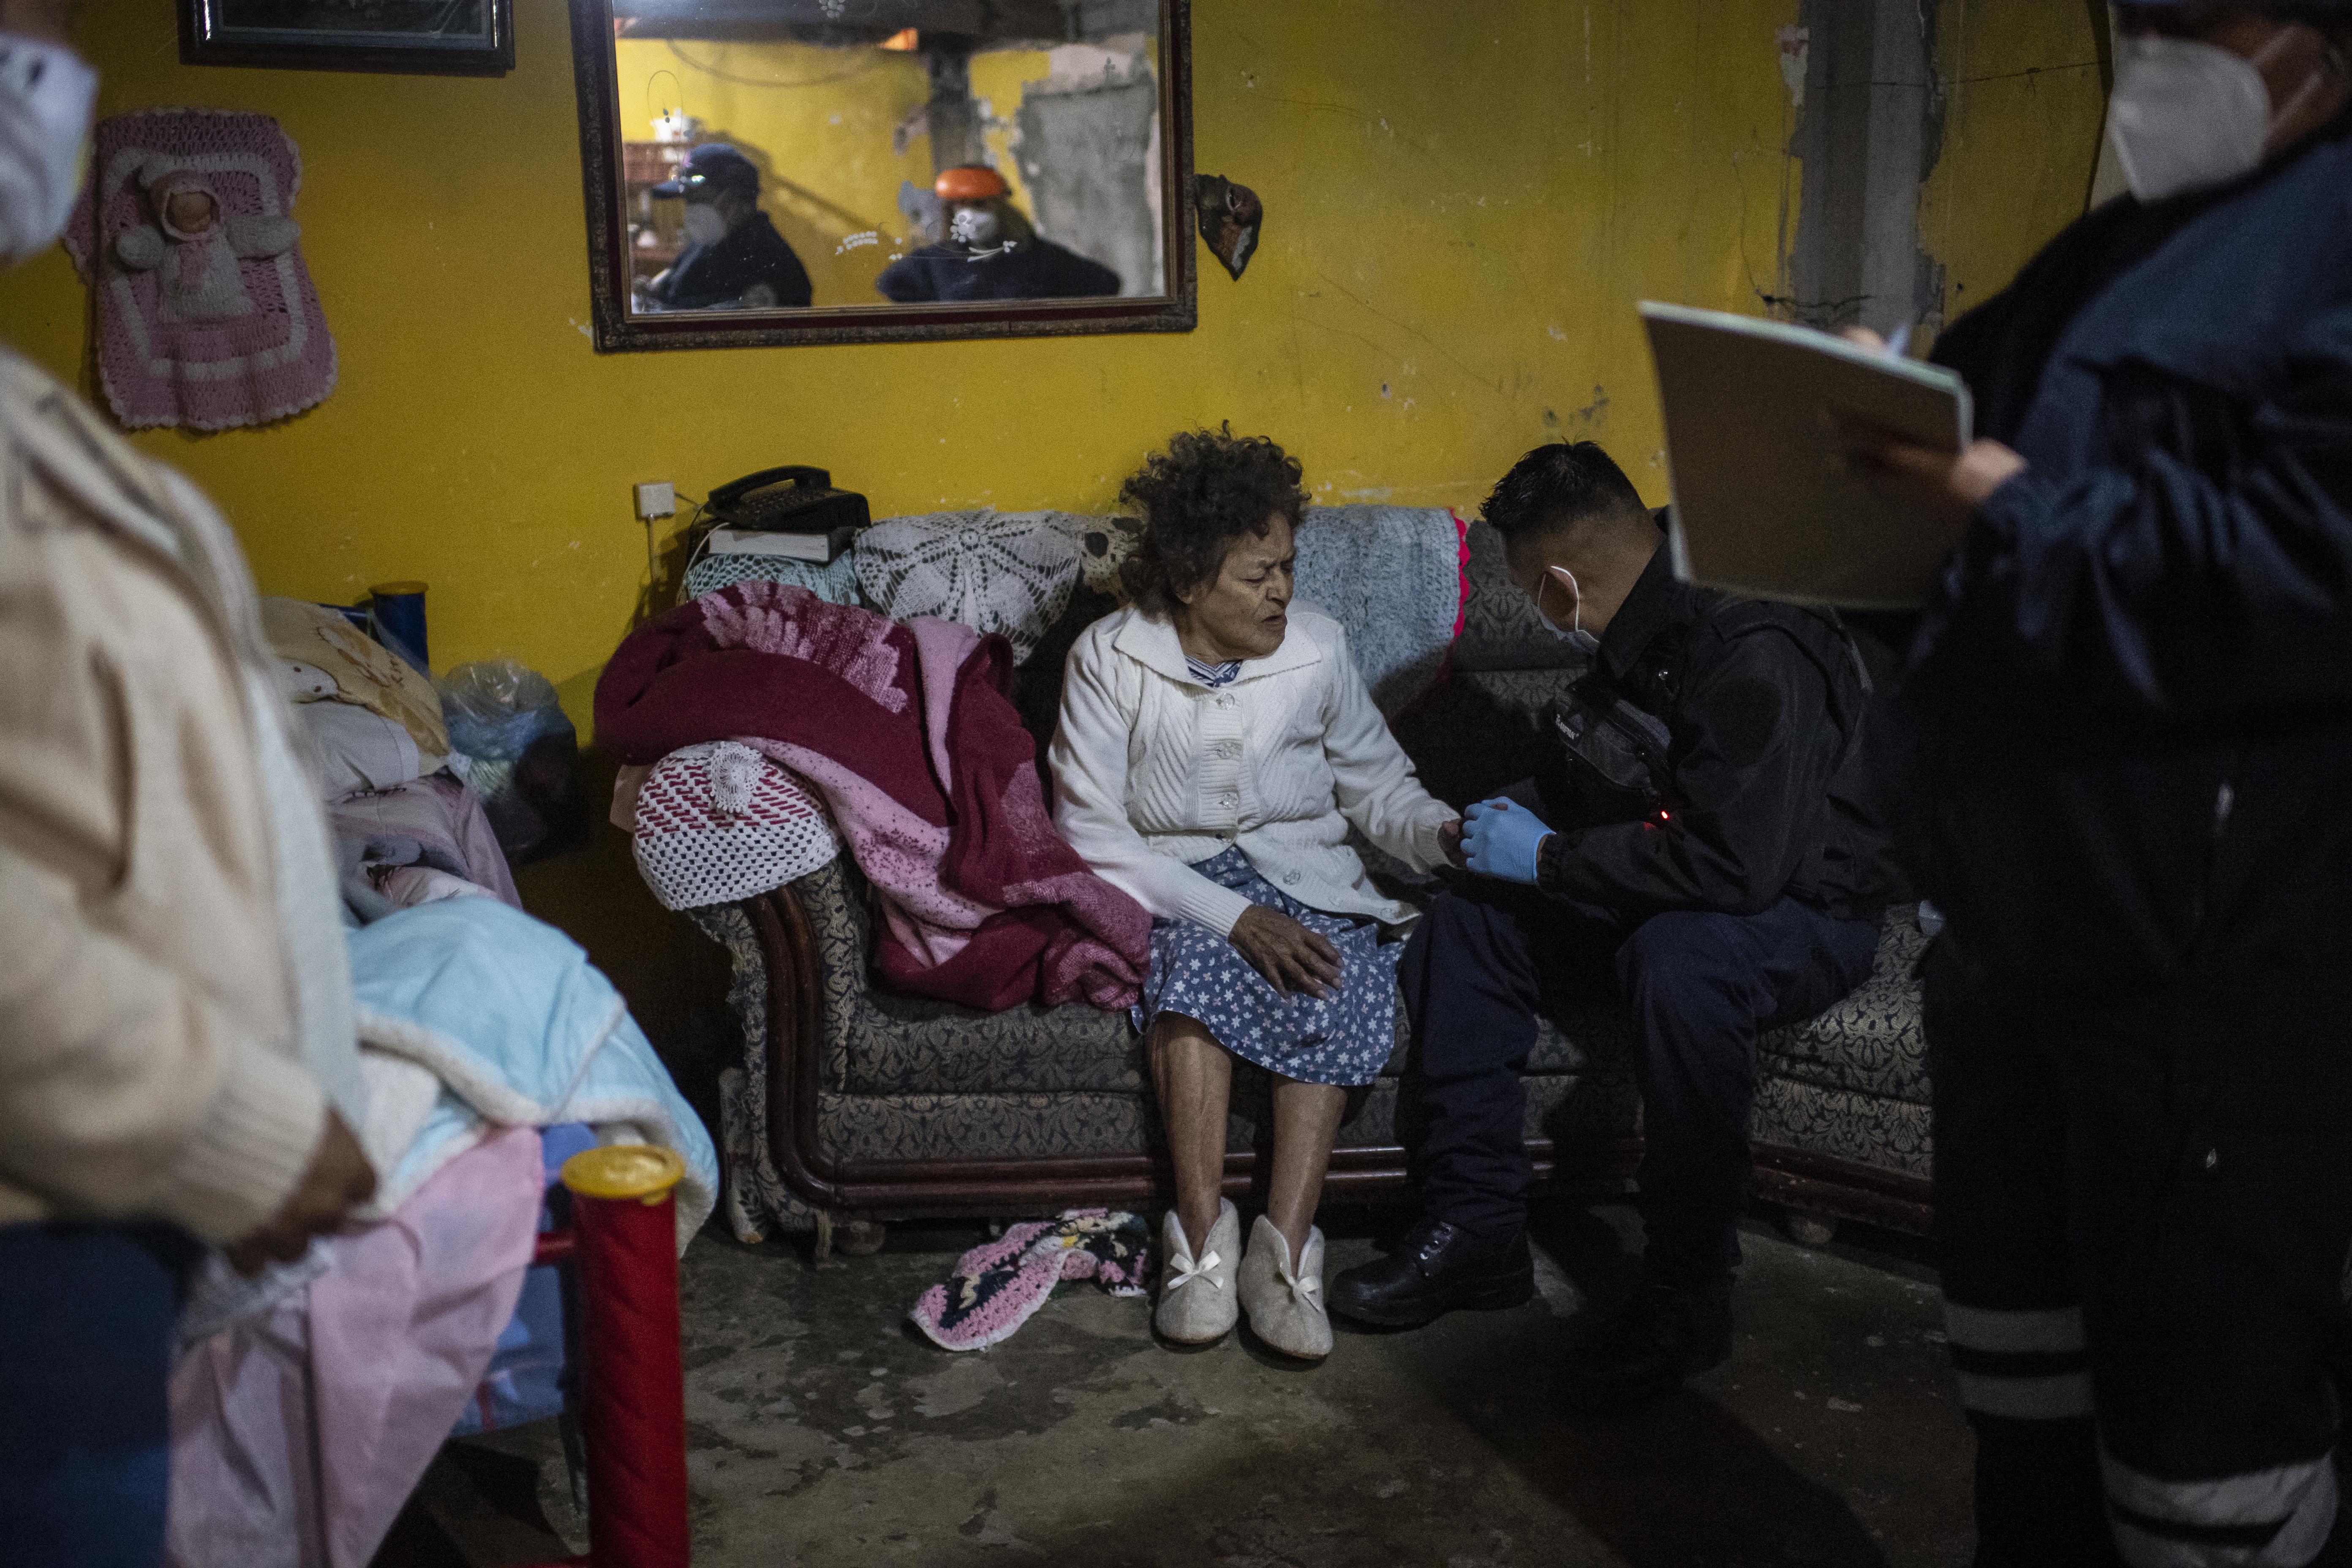 El paramédico Jesús Sholndick, de 29 años, revisa a una mujer hipoglucémica en Ciudad Nezahualcóyotl, Estado de México, México, el 18 de junio de 2020 durante la nueva pandemia de coronavirus de COVID-19. (Foto por Pedro PARDO / AFP)